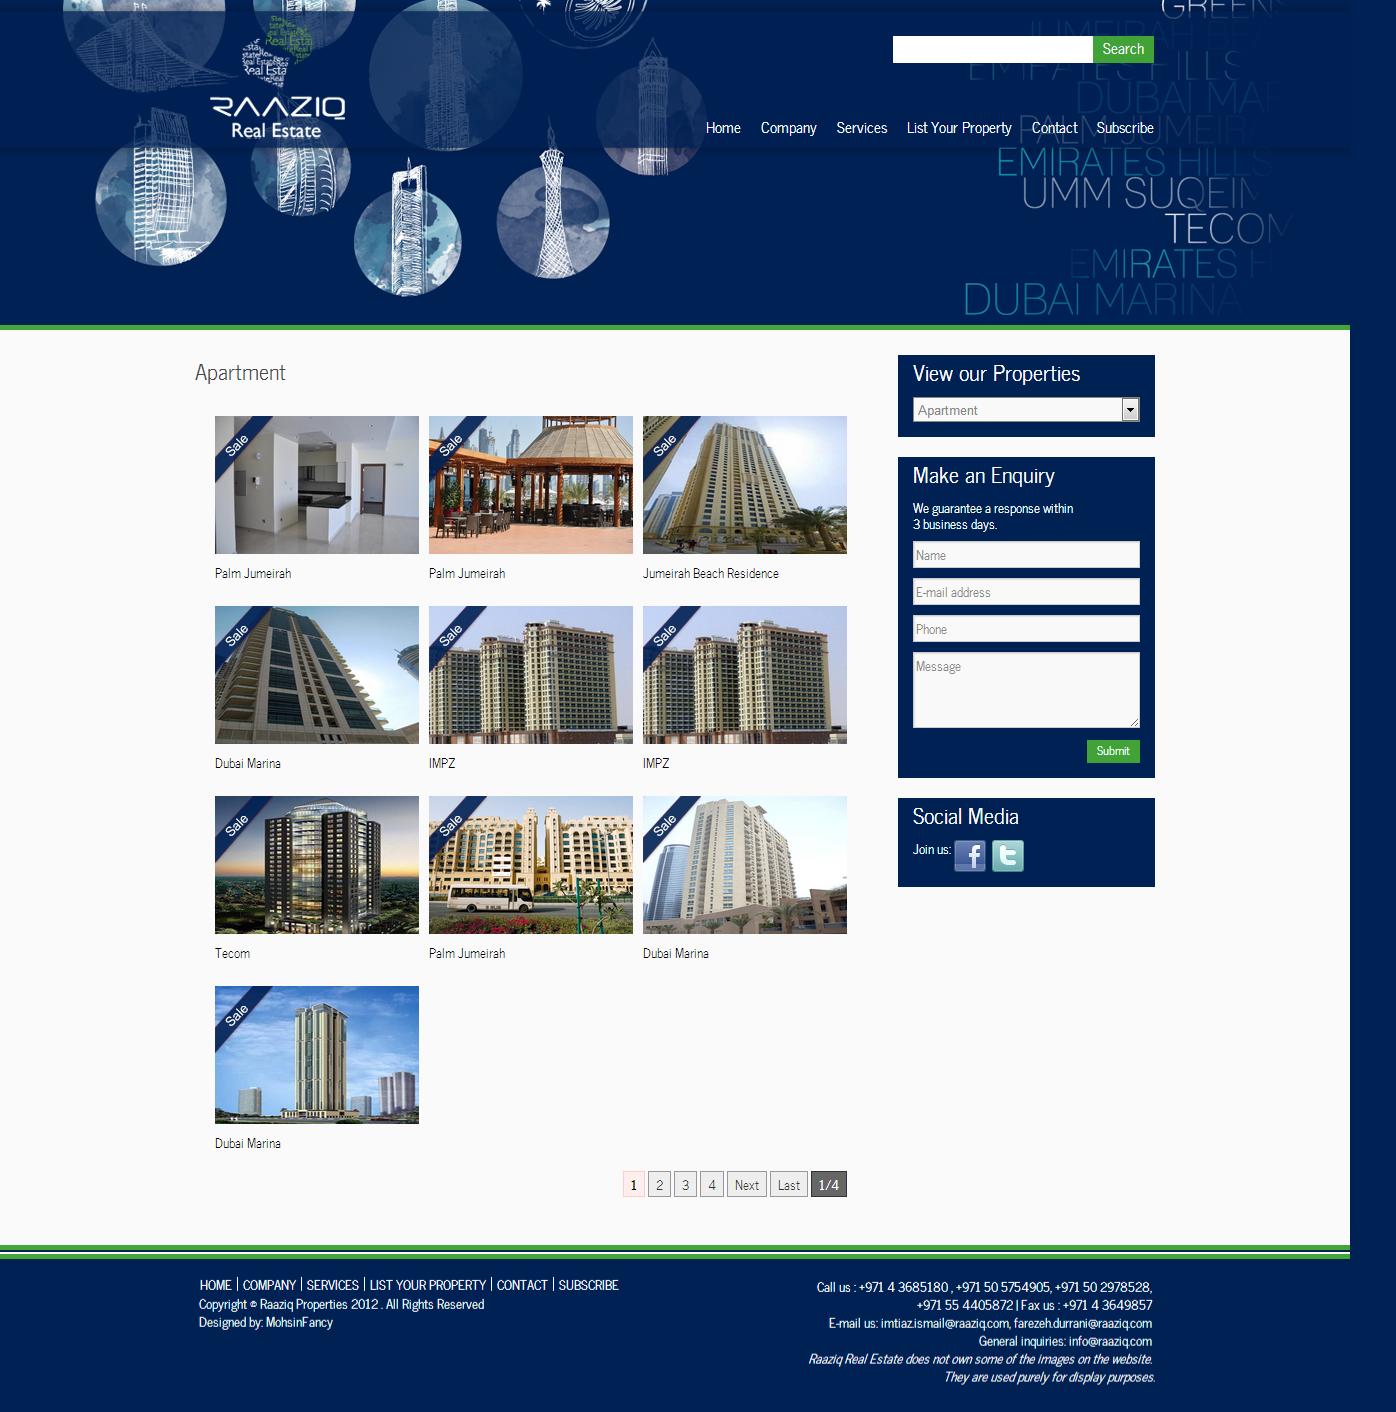 Raziq Properties- Properties Gallery